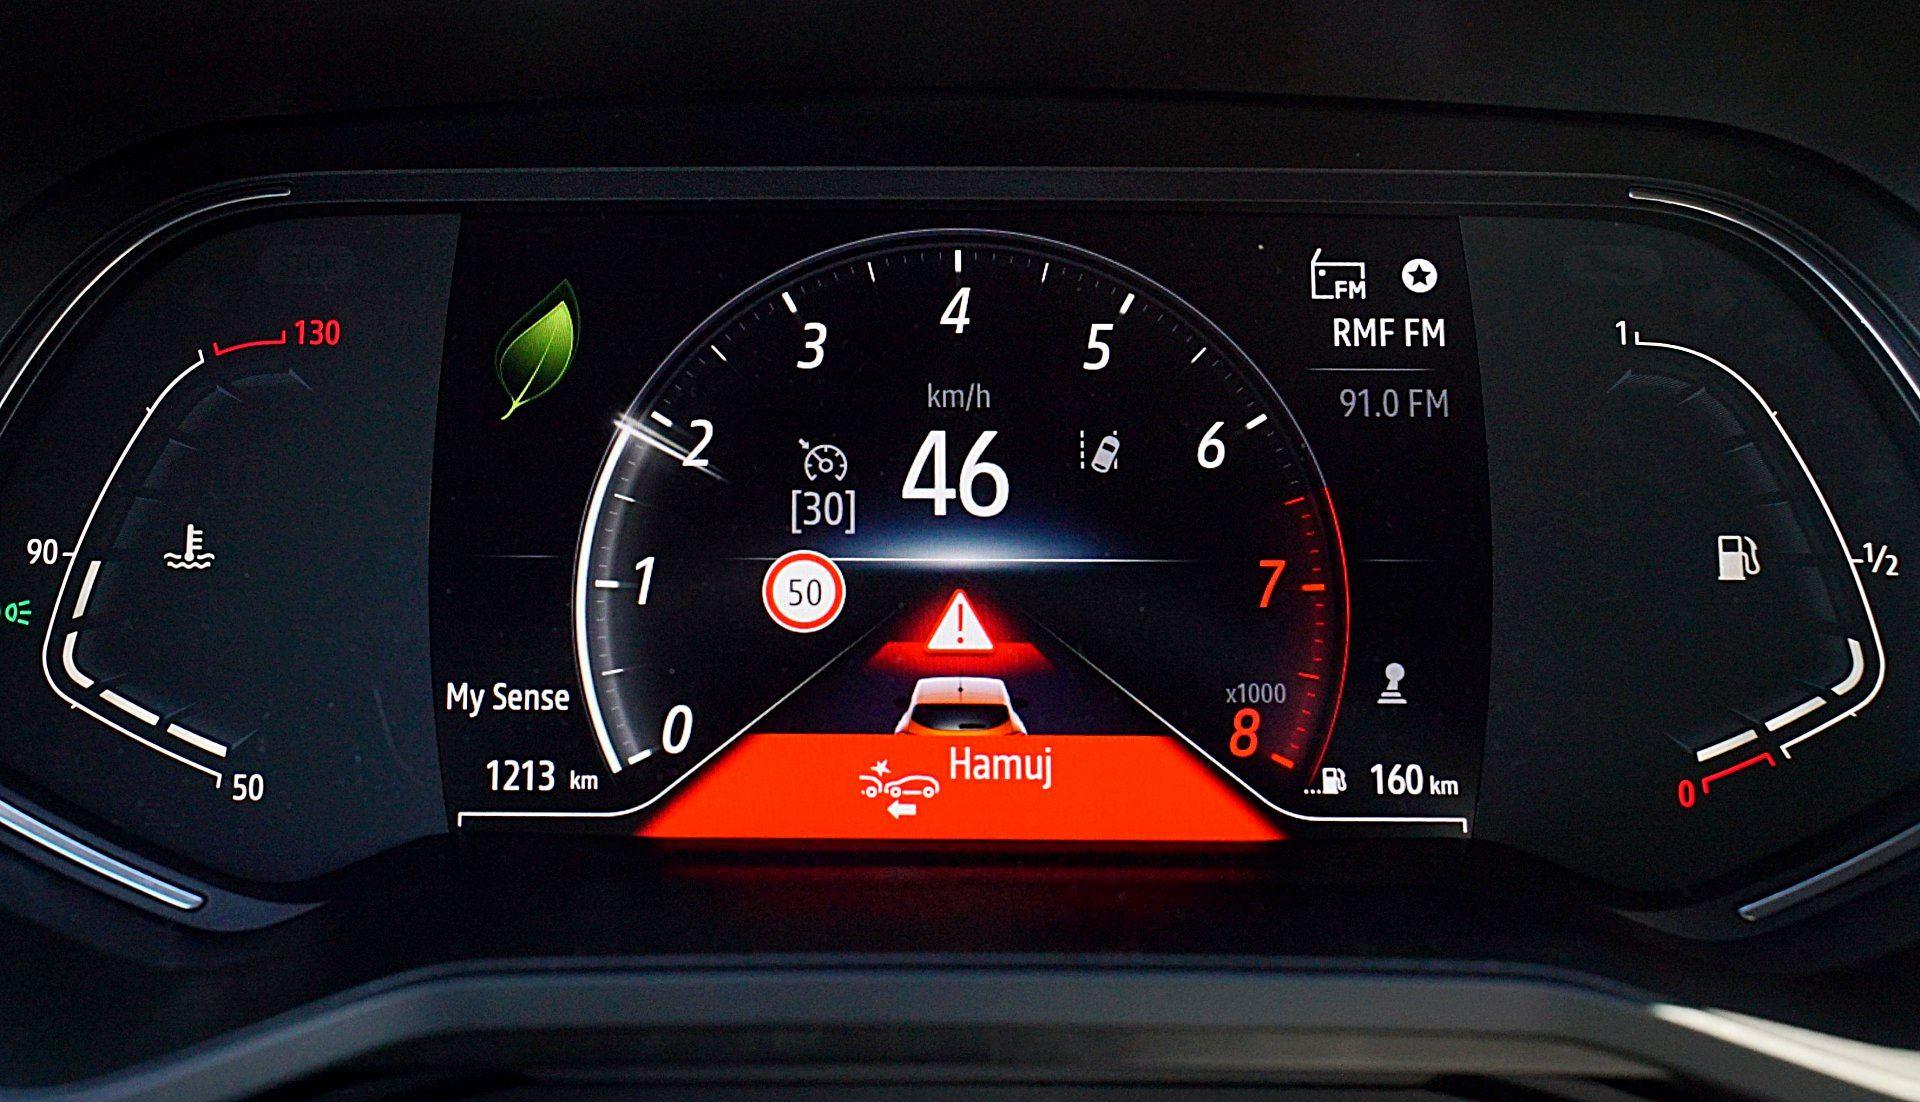 RENAULT Clio V Intens 1.0TCe 100KM wyświetlacz